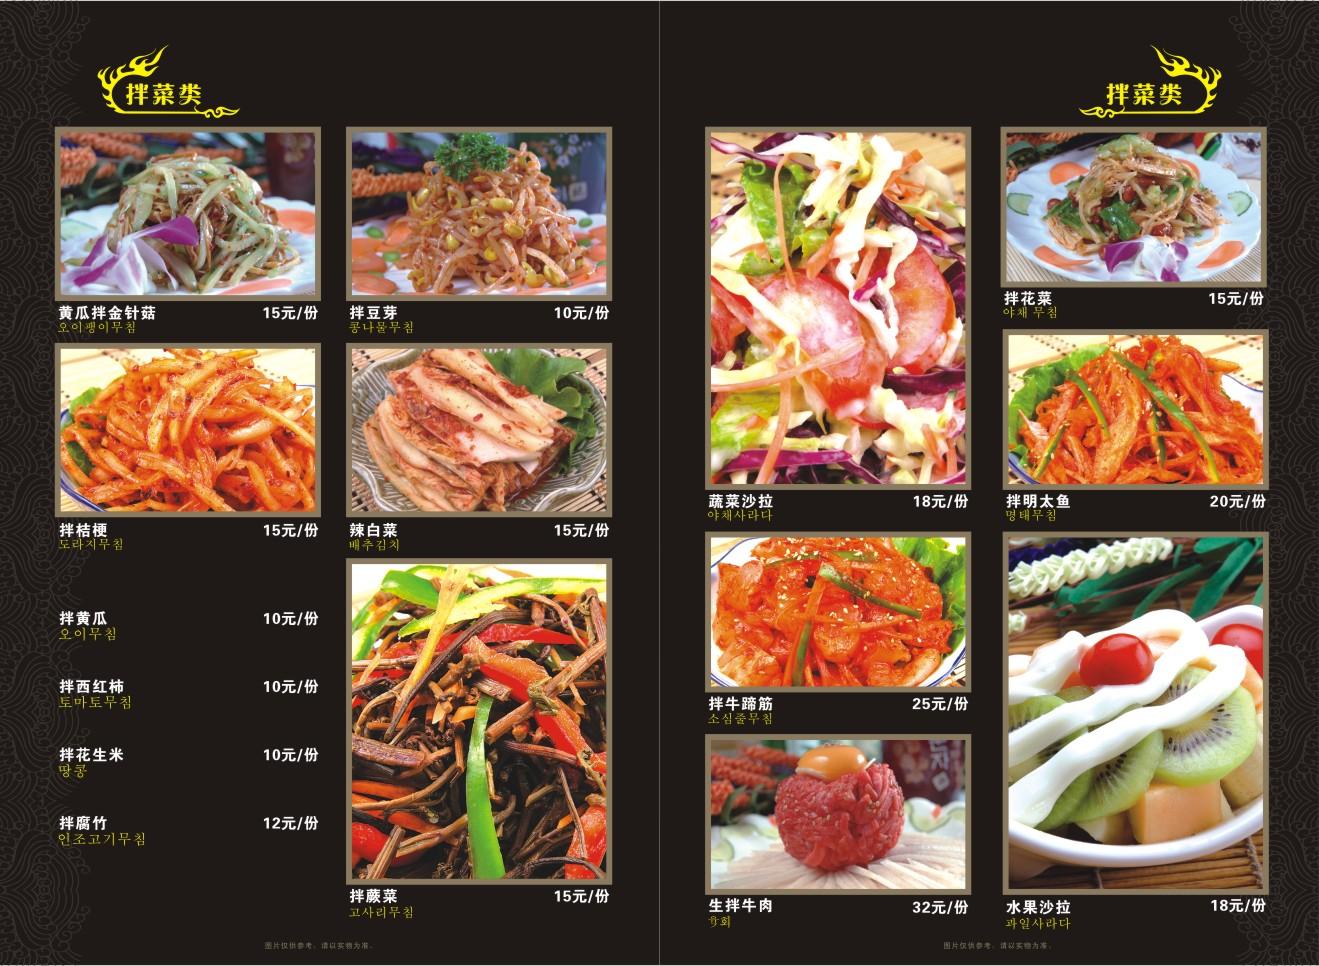 13菜谱册韩国料理 炭火烧烤 韩国菜谱 烧烤店菜单